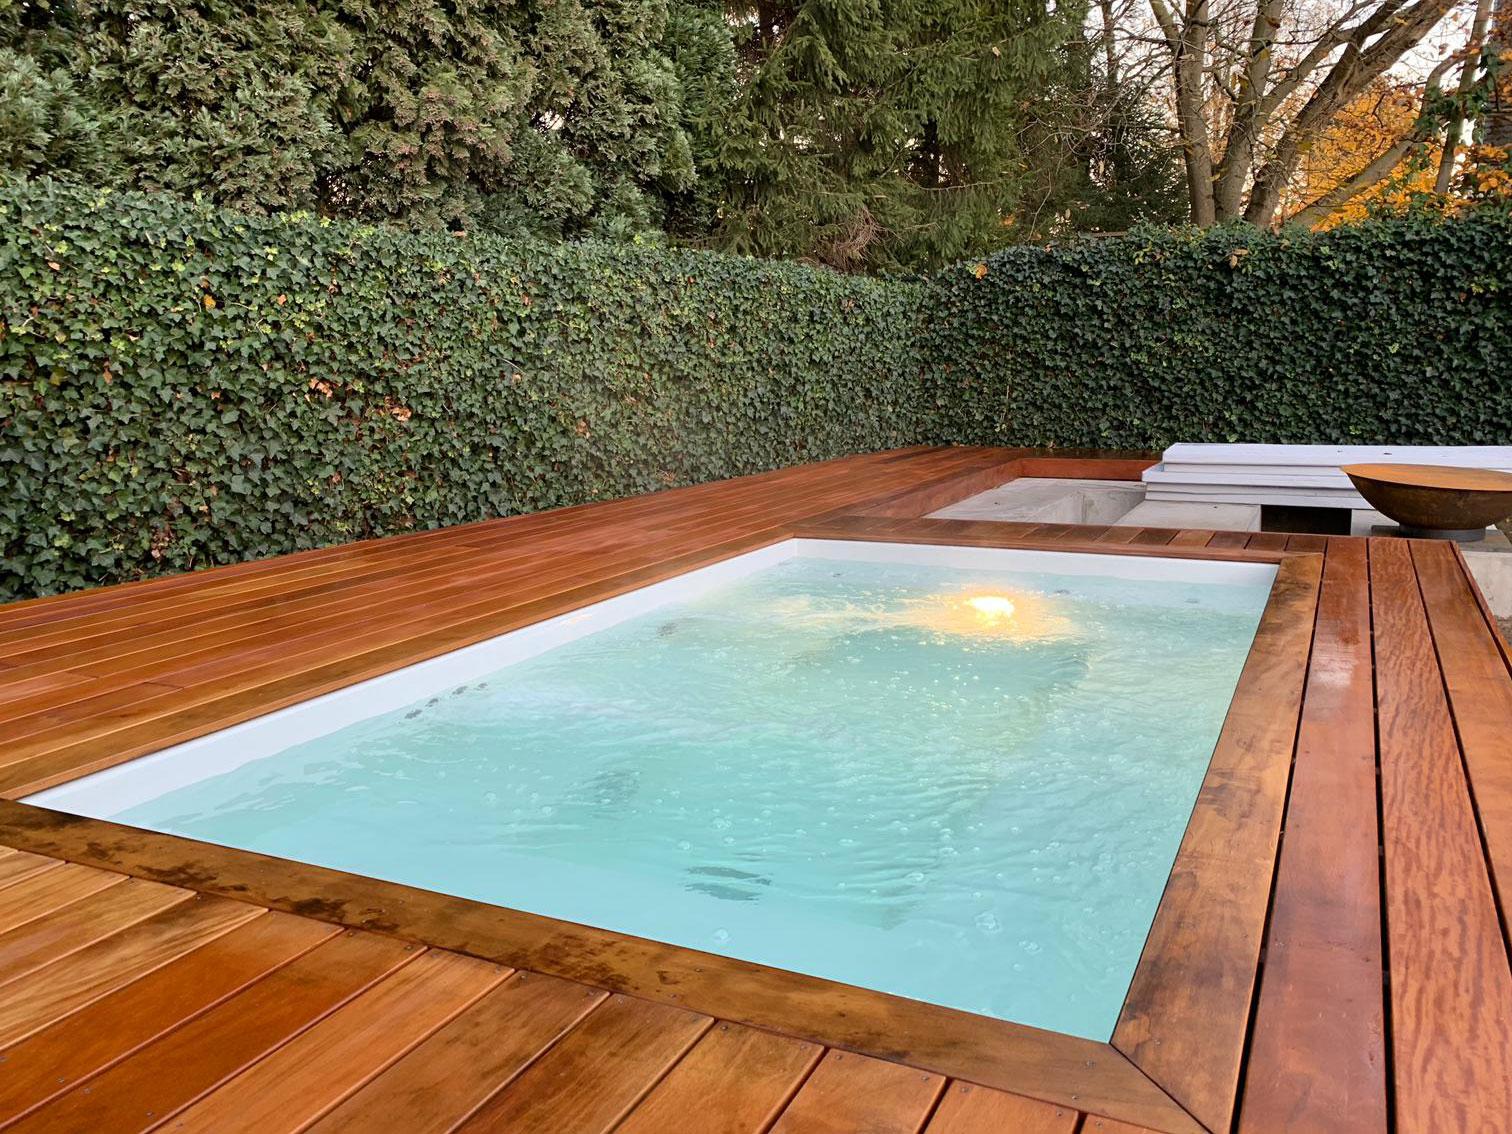 Tuin Laten Aanleggen : Buitenzwembad laten aanleggen een monoblock zwembad past altijd